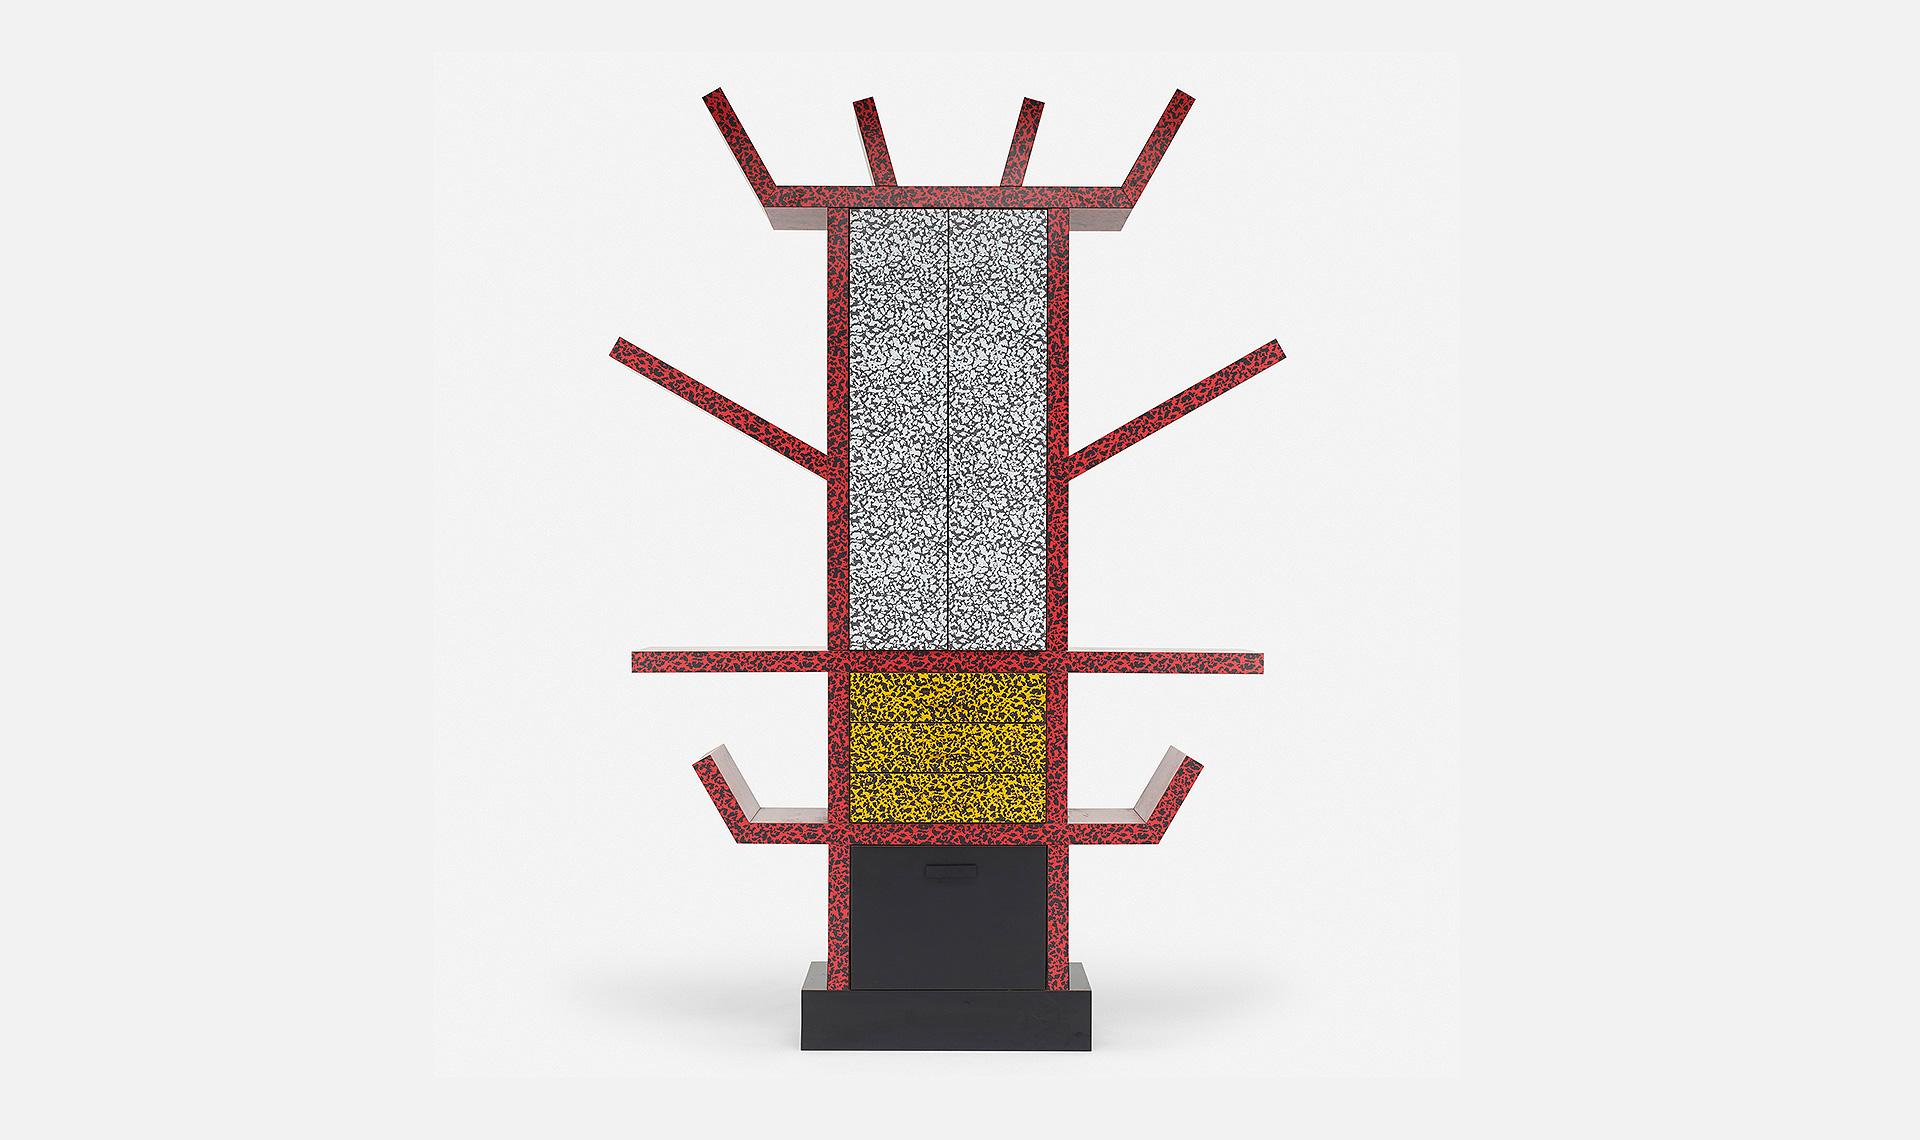 100 лет дизайна: стеллаж Casablanca Этторе Соттсасса